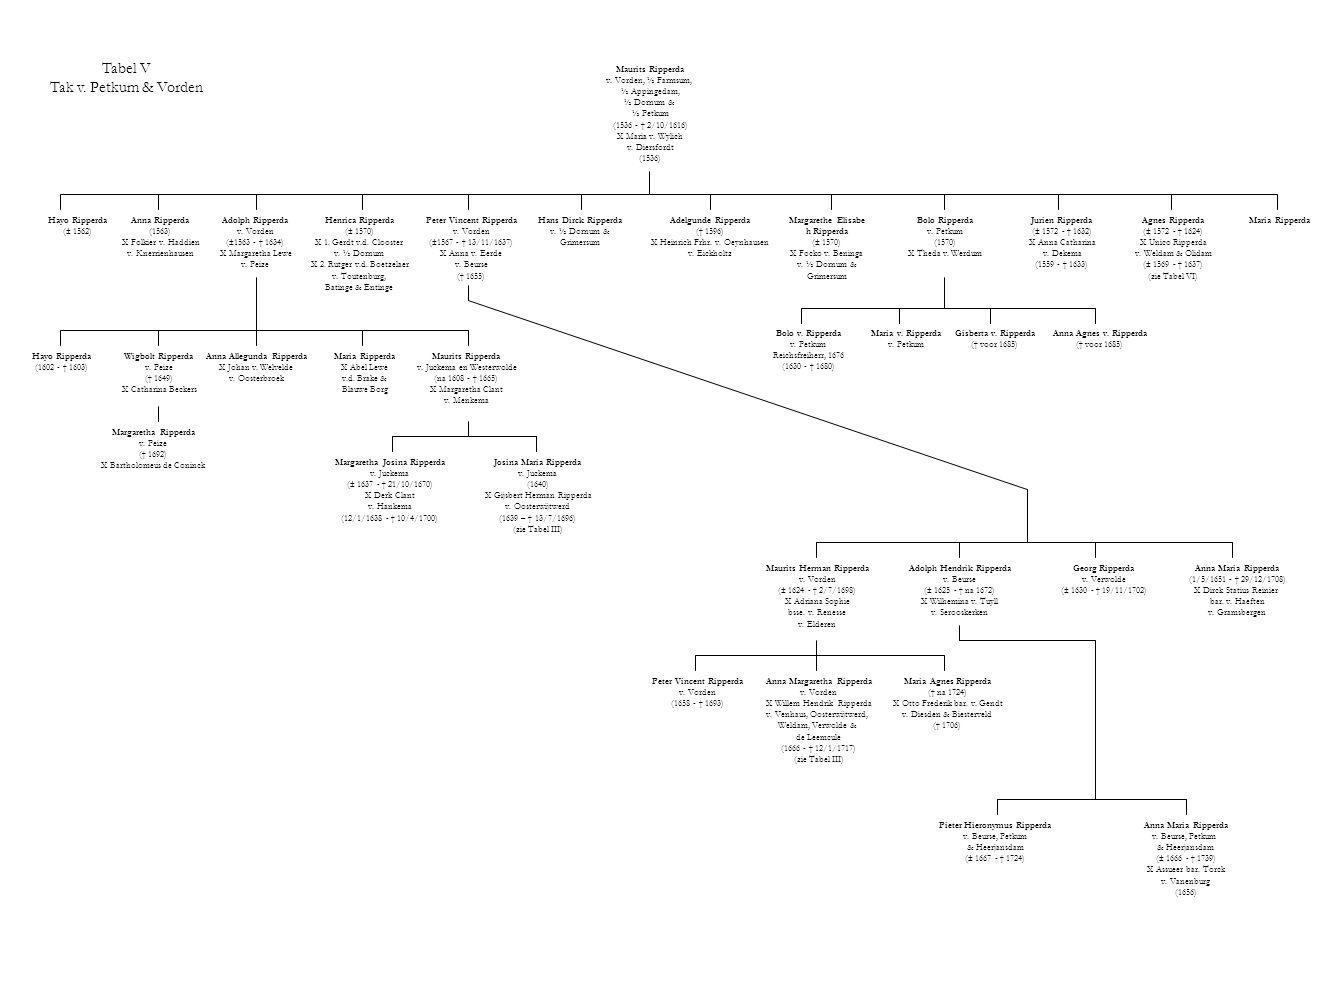 Tabel V Tak v. Petkum & Vorden Maurits Ripperda v. Vorden, ½ Farmsum, ½ Appingedam, ½ Dornum & ½ Petkum (1536 - † 2/10/1616) X Maria v. Wylich v. Dier